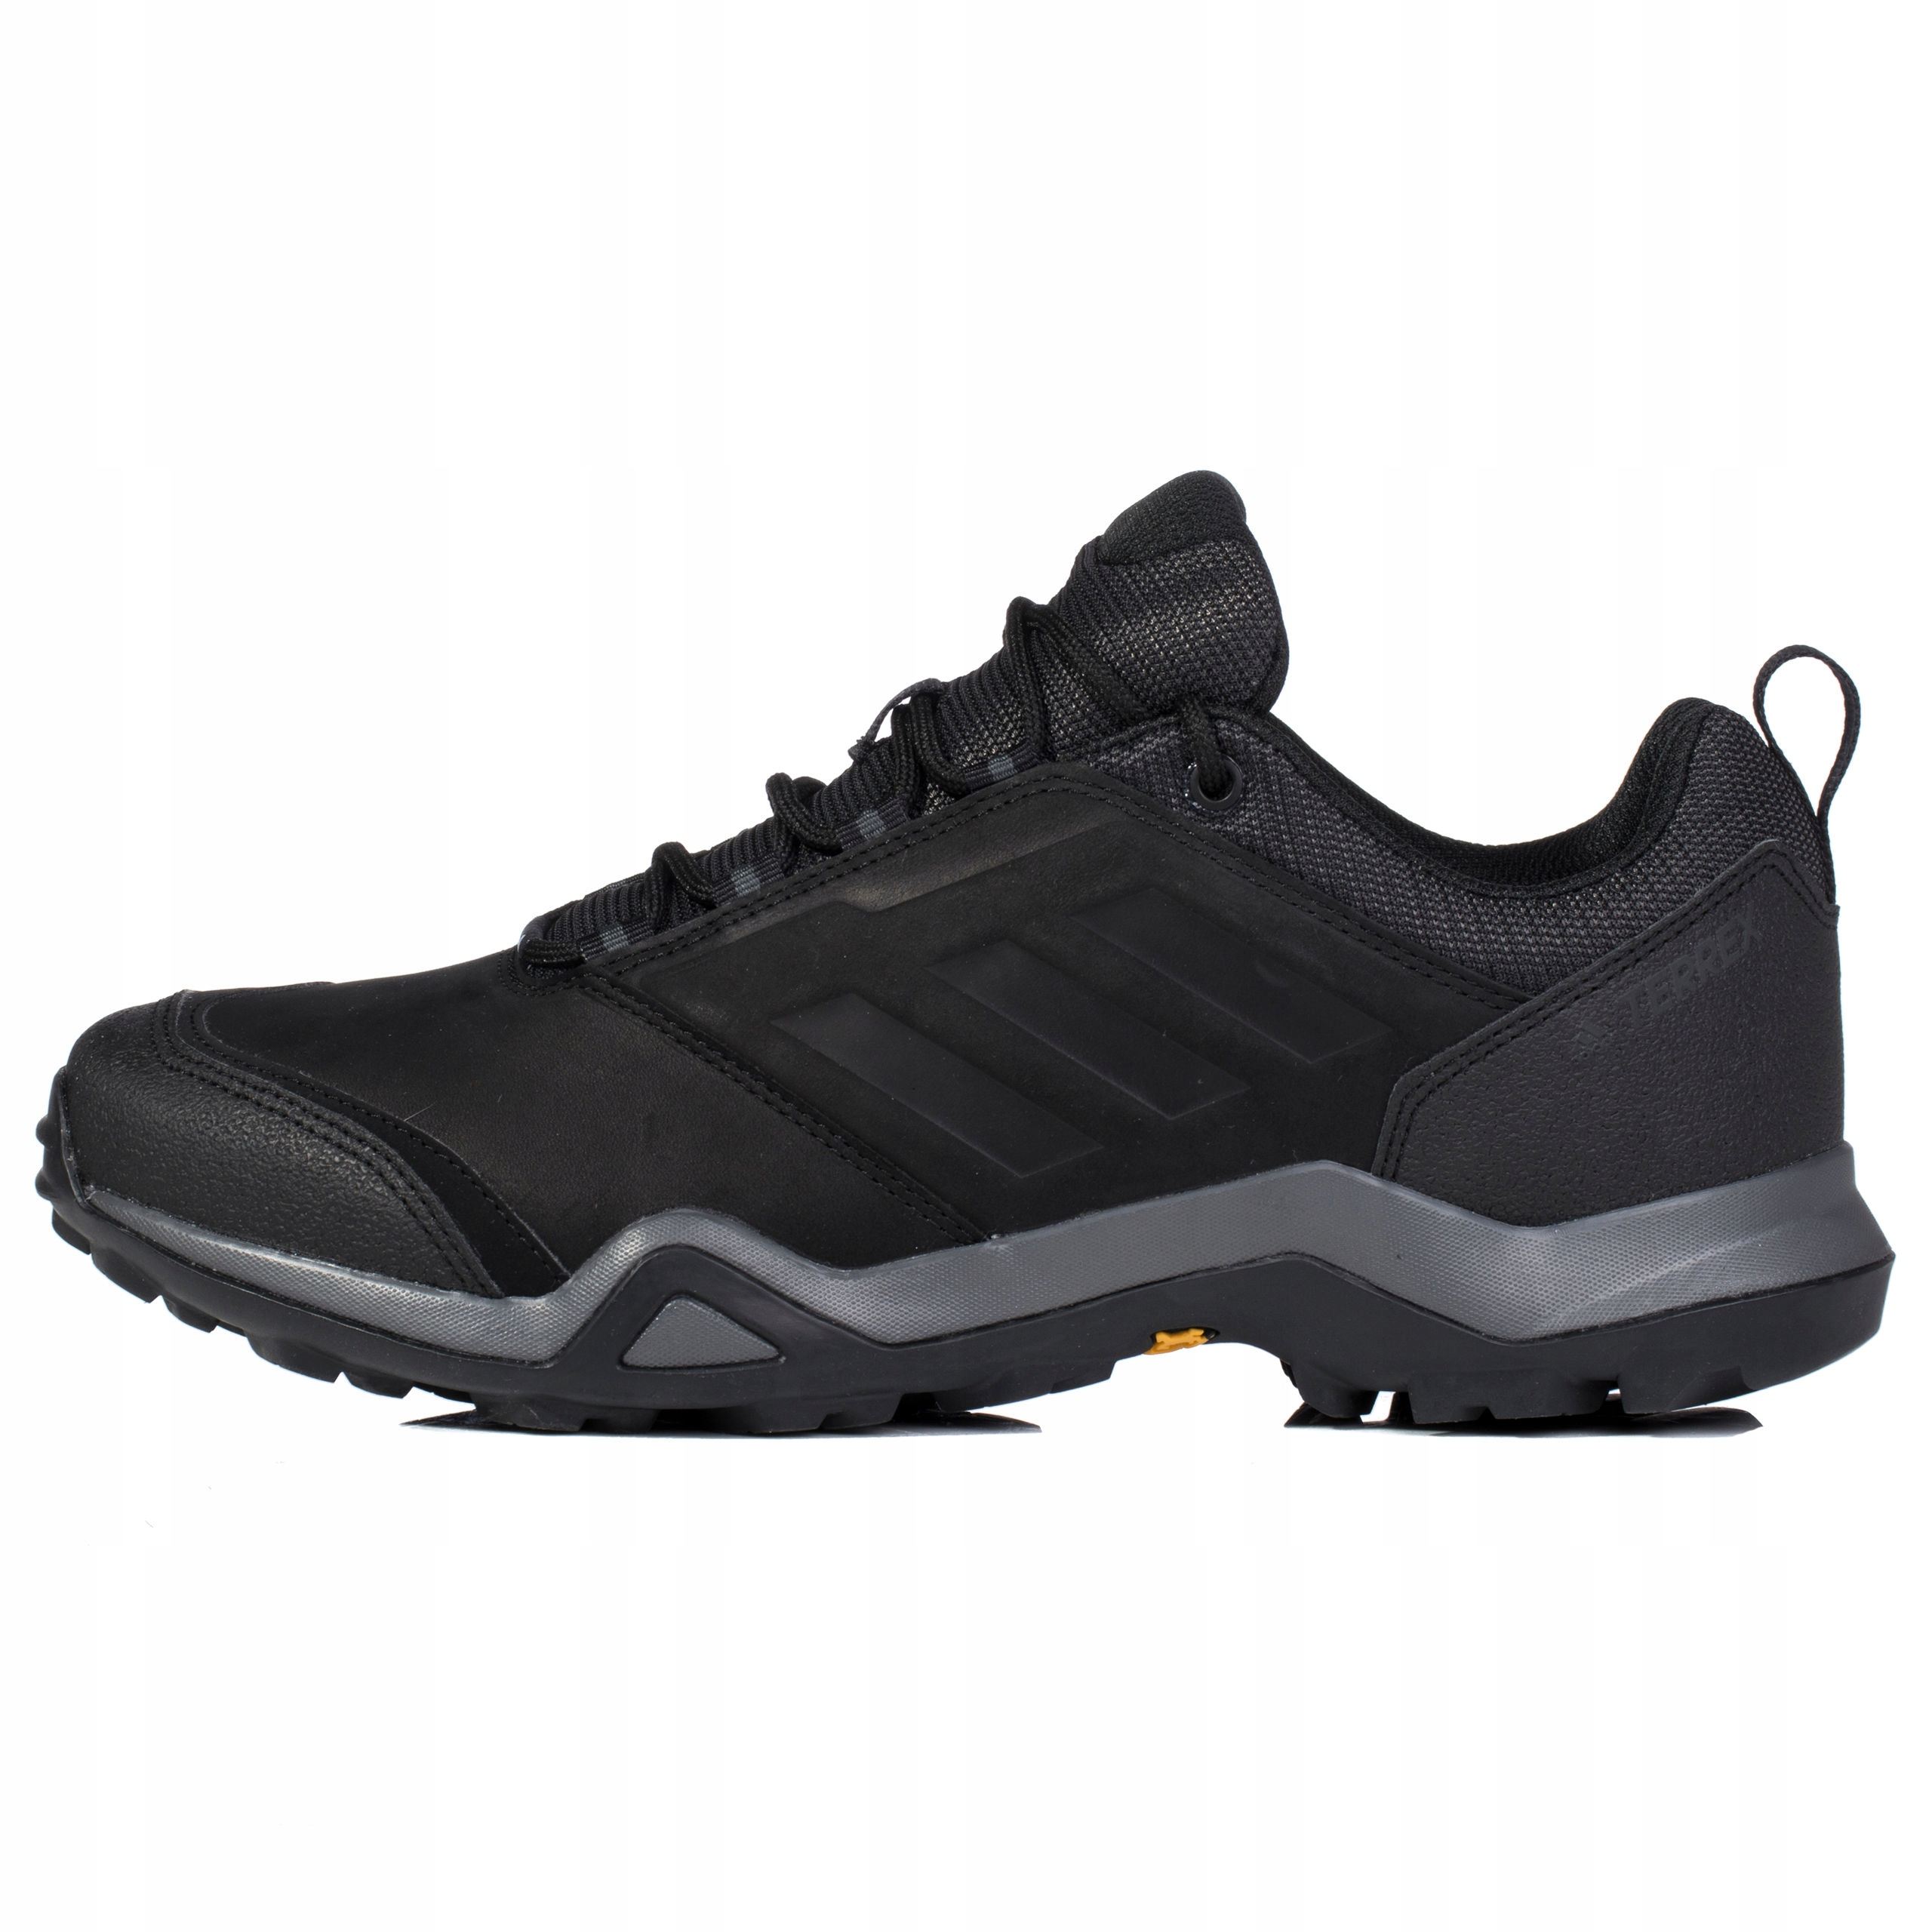 adidas Terrex Bruschwood Leather AC7851